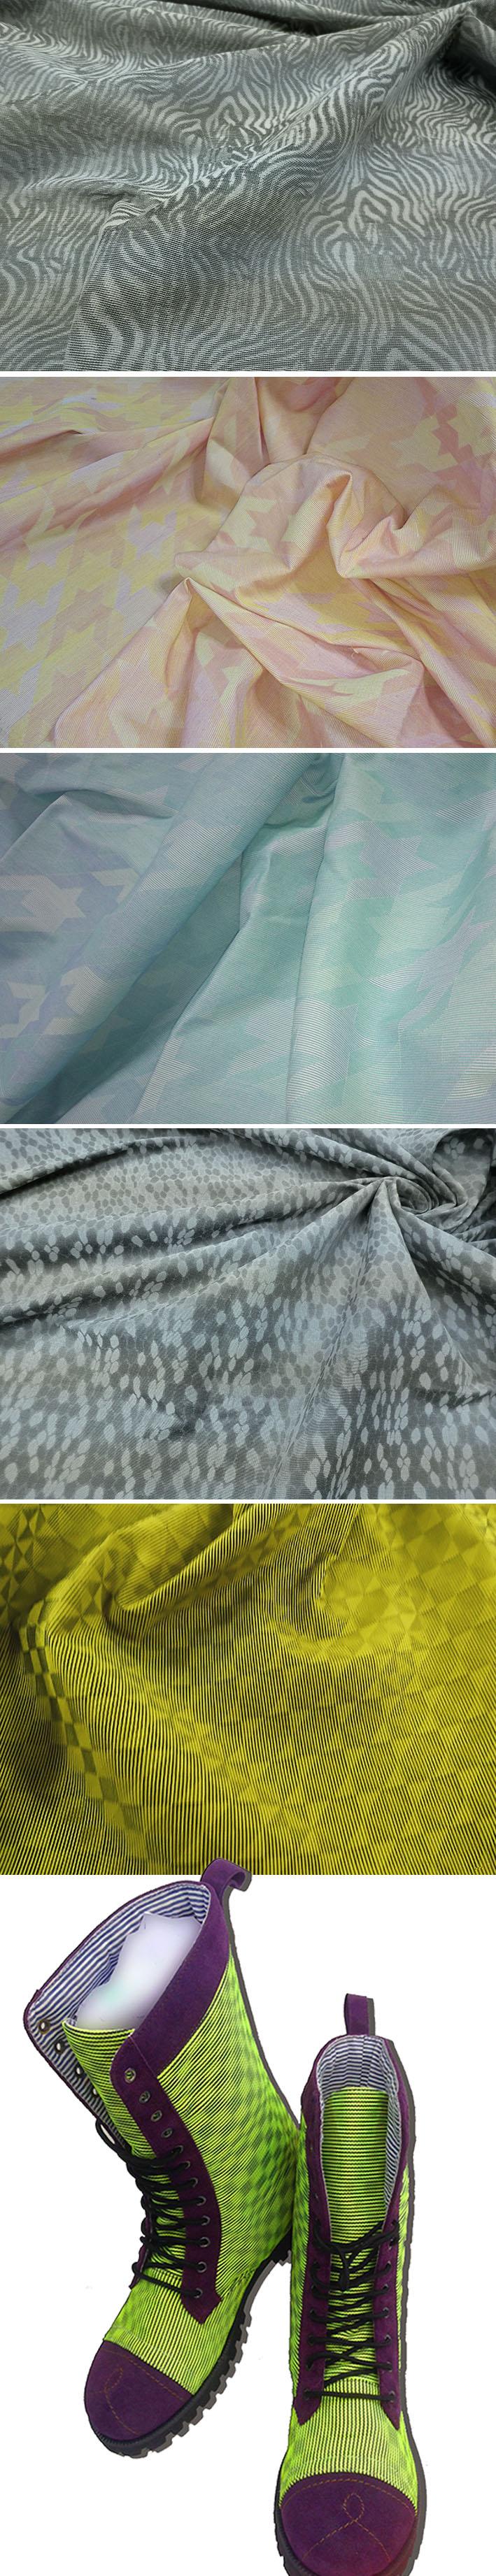 Cor estrutural, a nanotecnologia da natureza que poderá substituir os corantes e tingimento têxtil stylo urbano-3